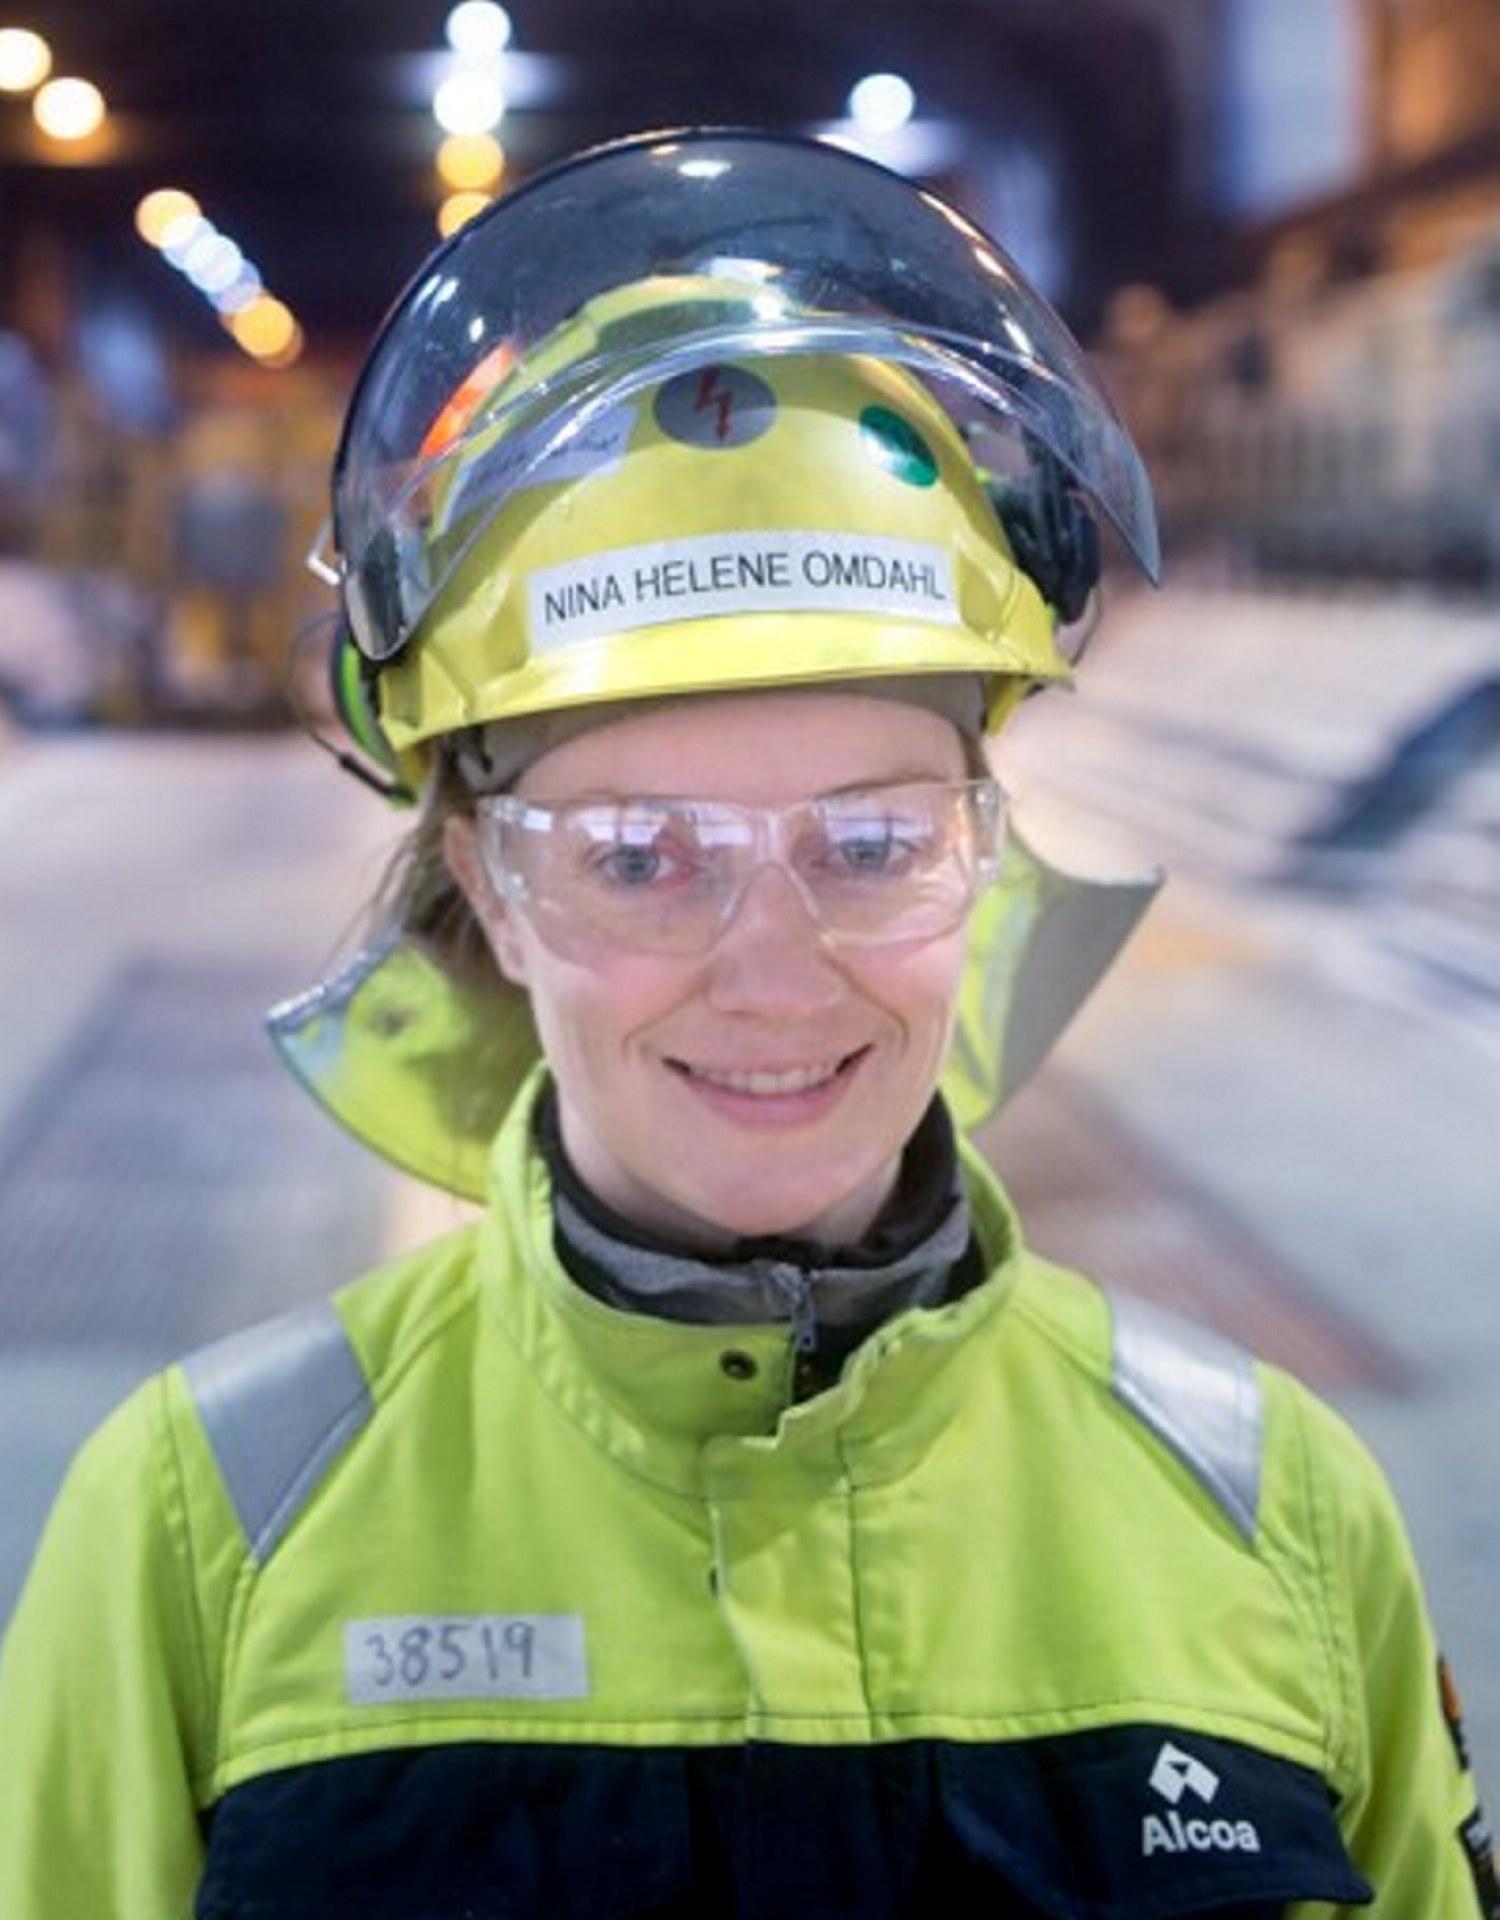 Nina Helene Omdahl, prosessingeniør i elektrolysen ved Alcoa Mosjøen. Foto: Rune Nilsen / Alcoa